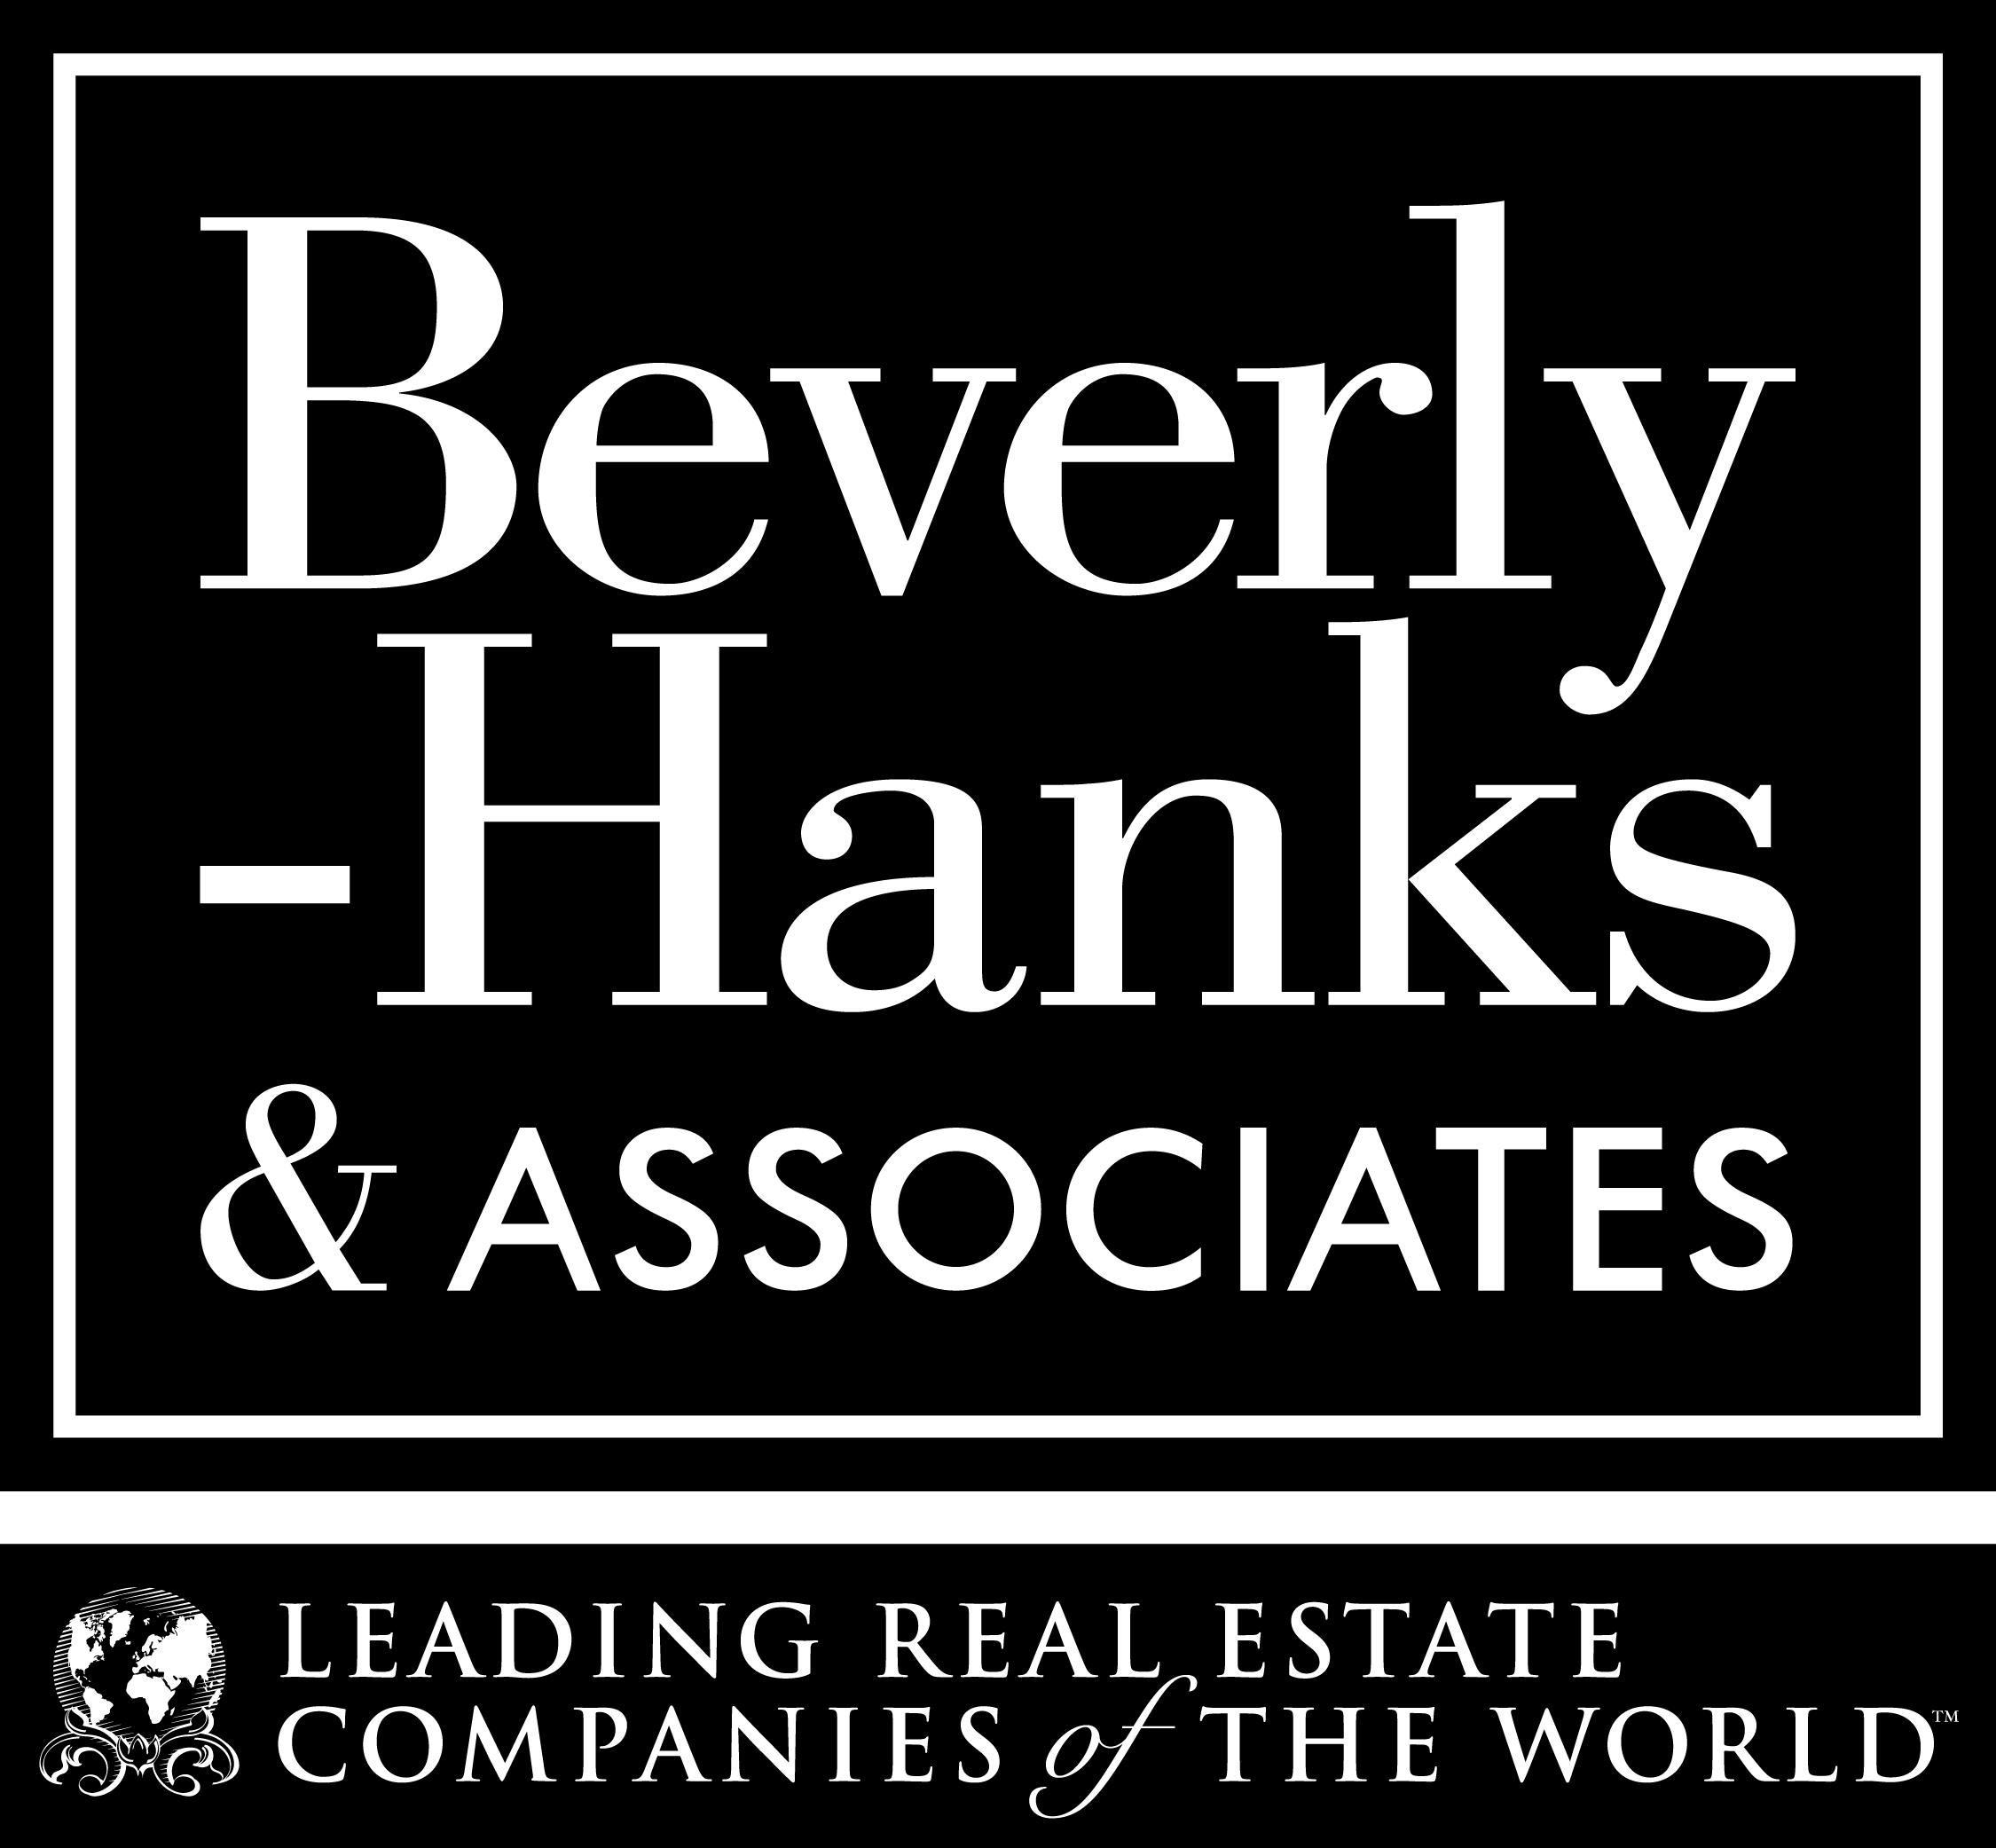 Beverly-HanksSQwLRE.jpg